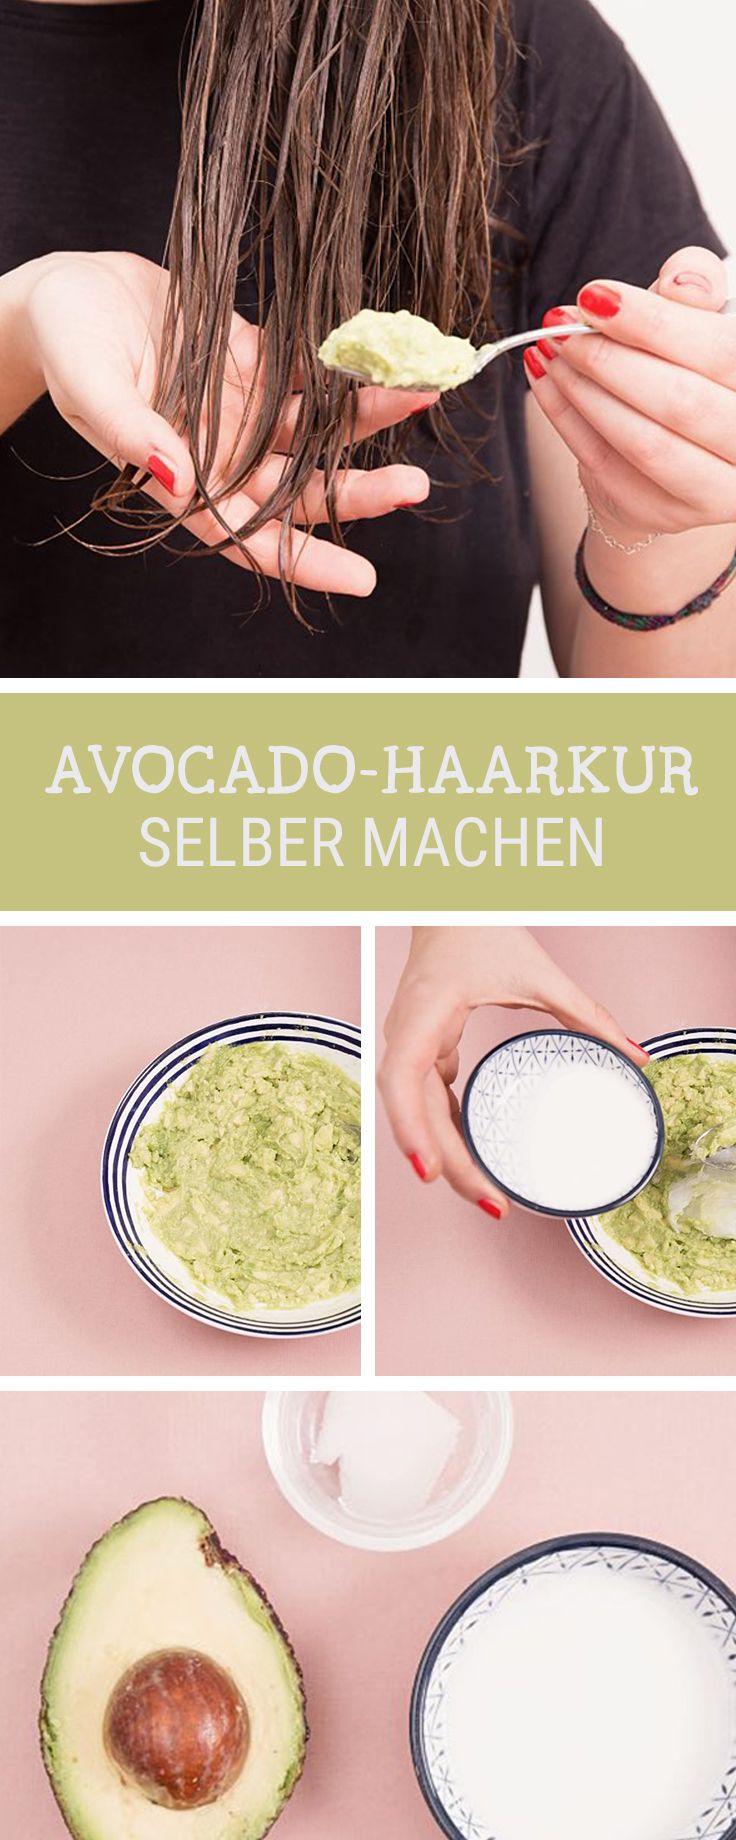 diy anleitung haarkur mit avocado und kokosnuss fà r trockenes